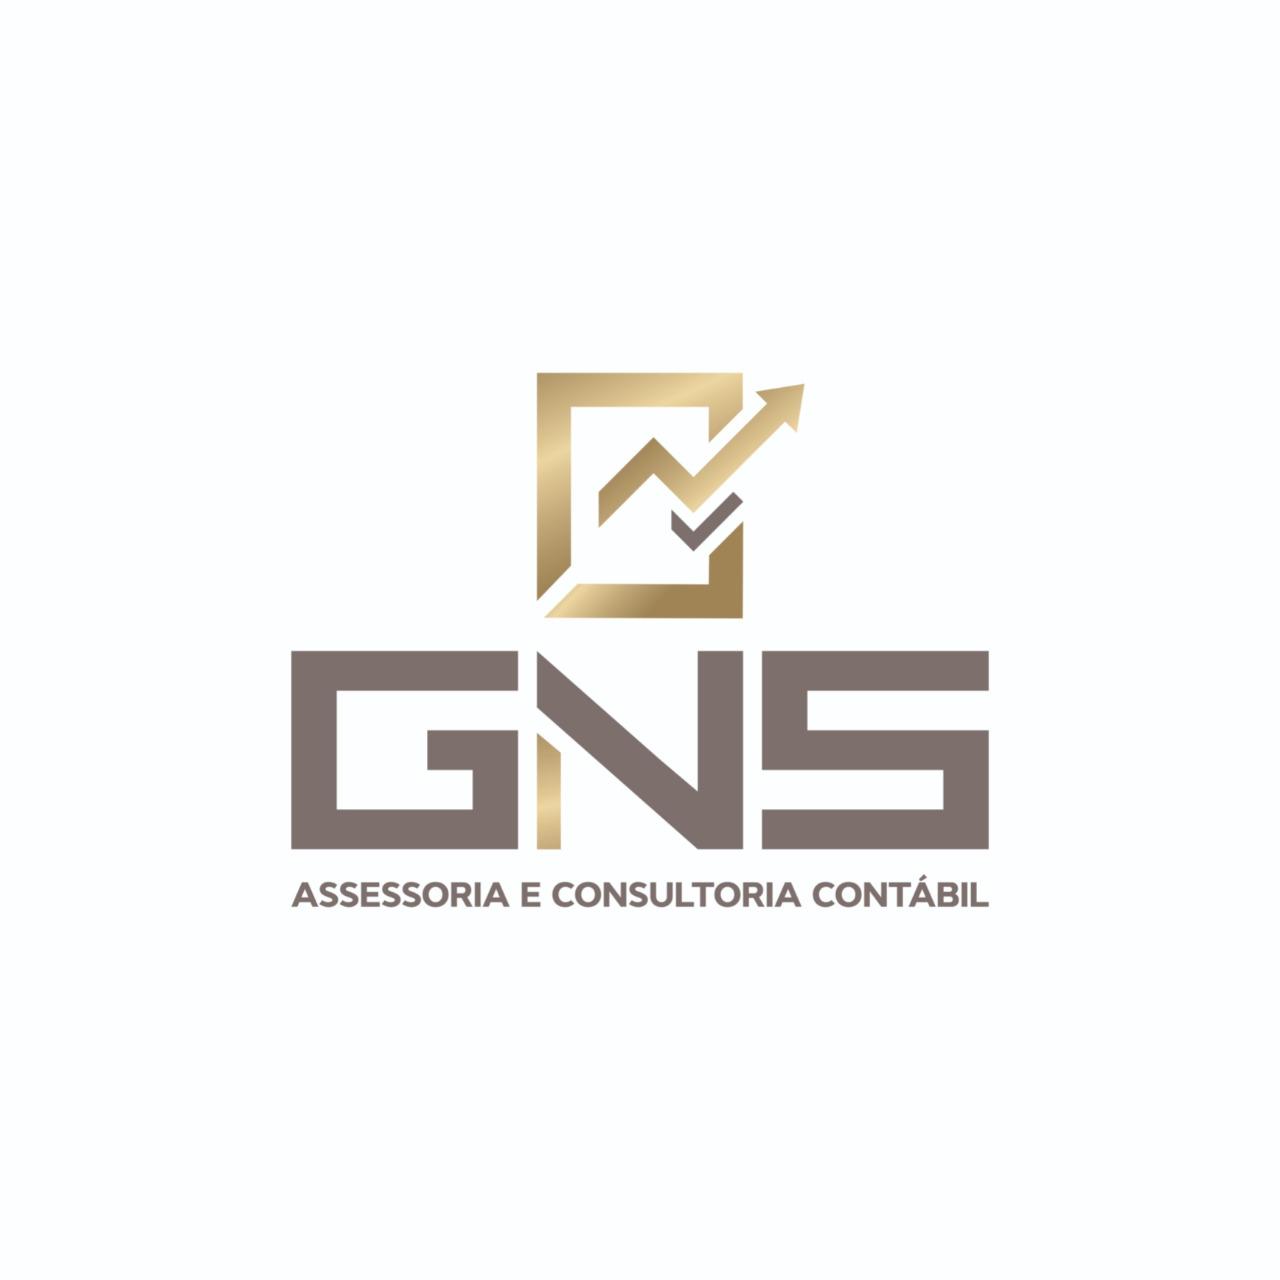 CONTABILIDADE GNS